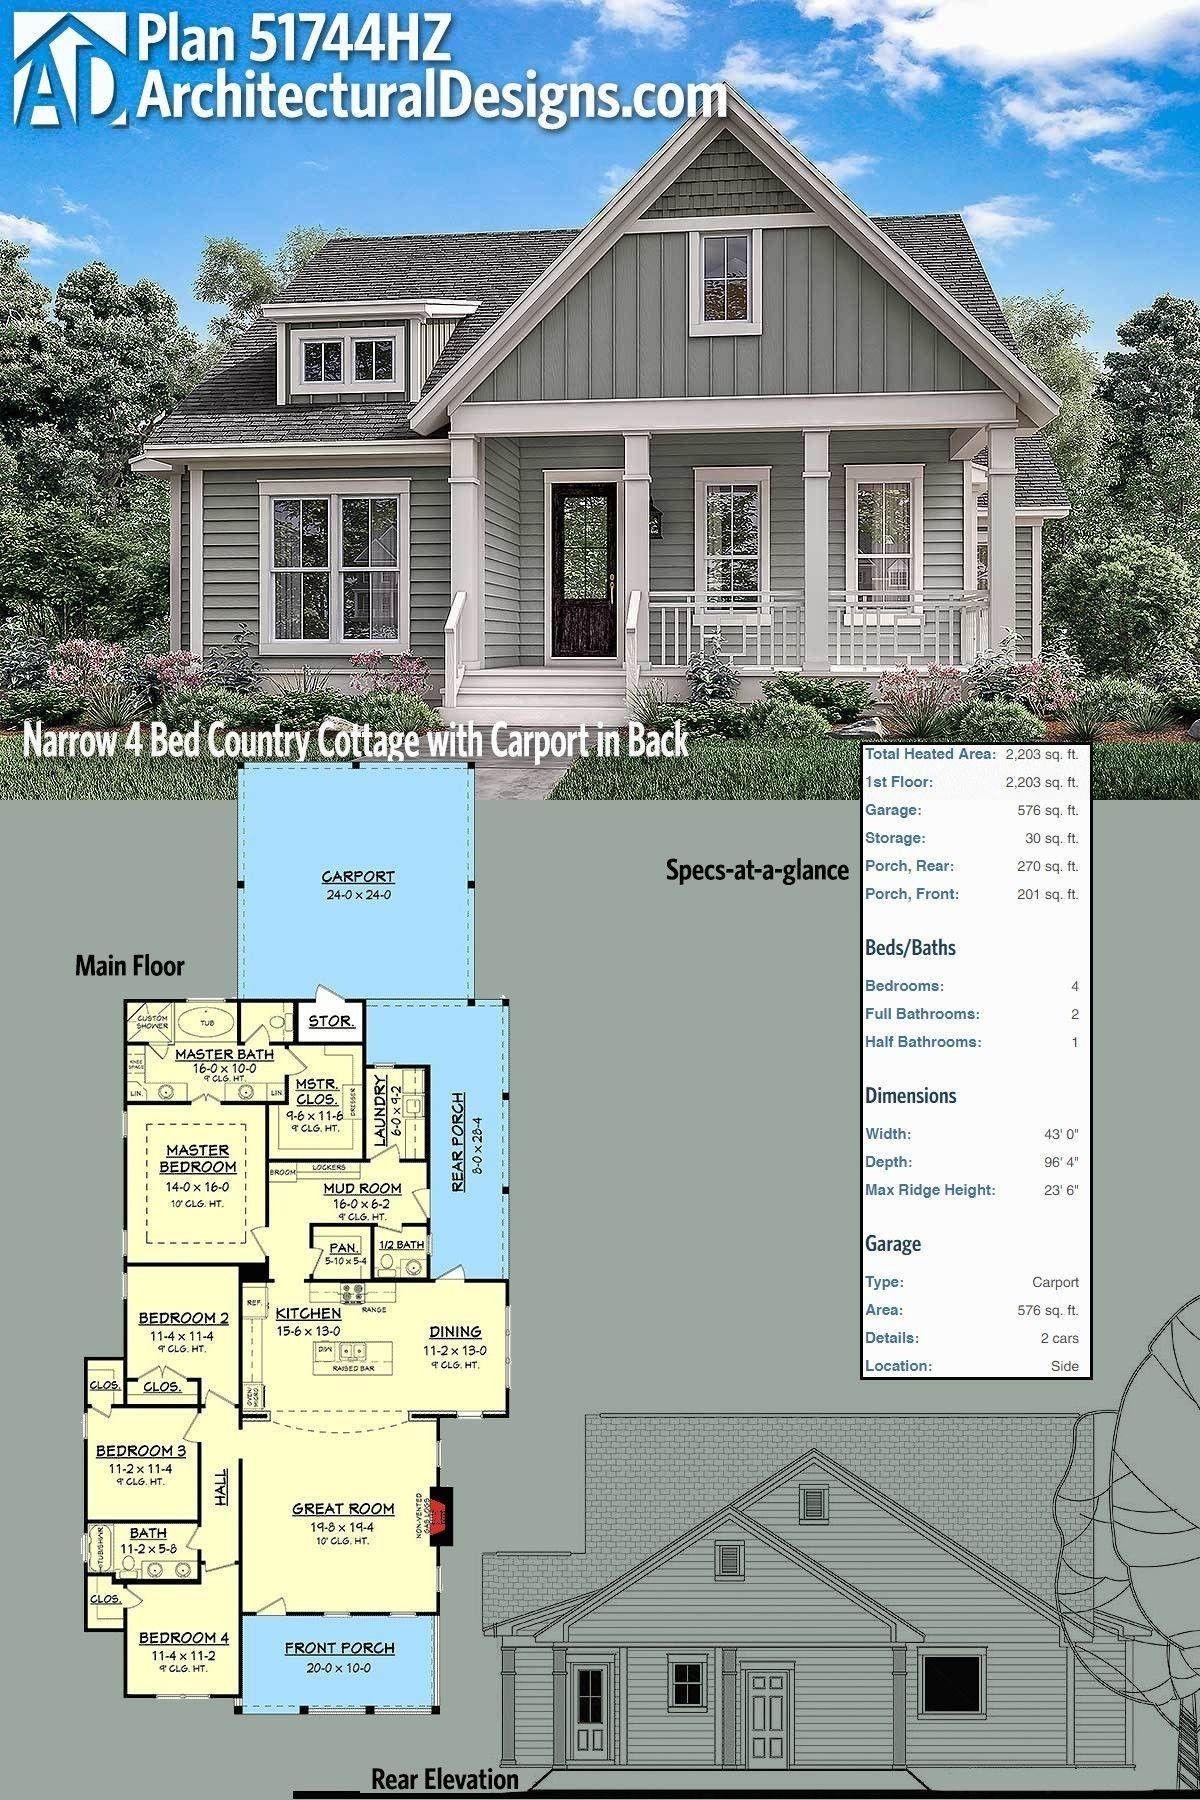 Comfortable Elegant Deck Covers Ideas Deck Covers Ideas Cool Deck Roof Plans Unique Ideas Garden Decking Solar Li House Blueprints Denah Rumah Arsitektur Rumah